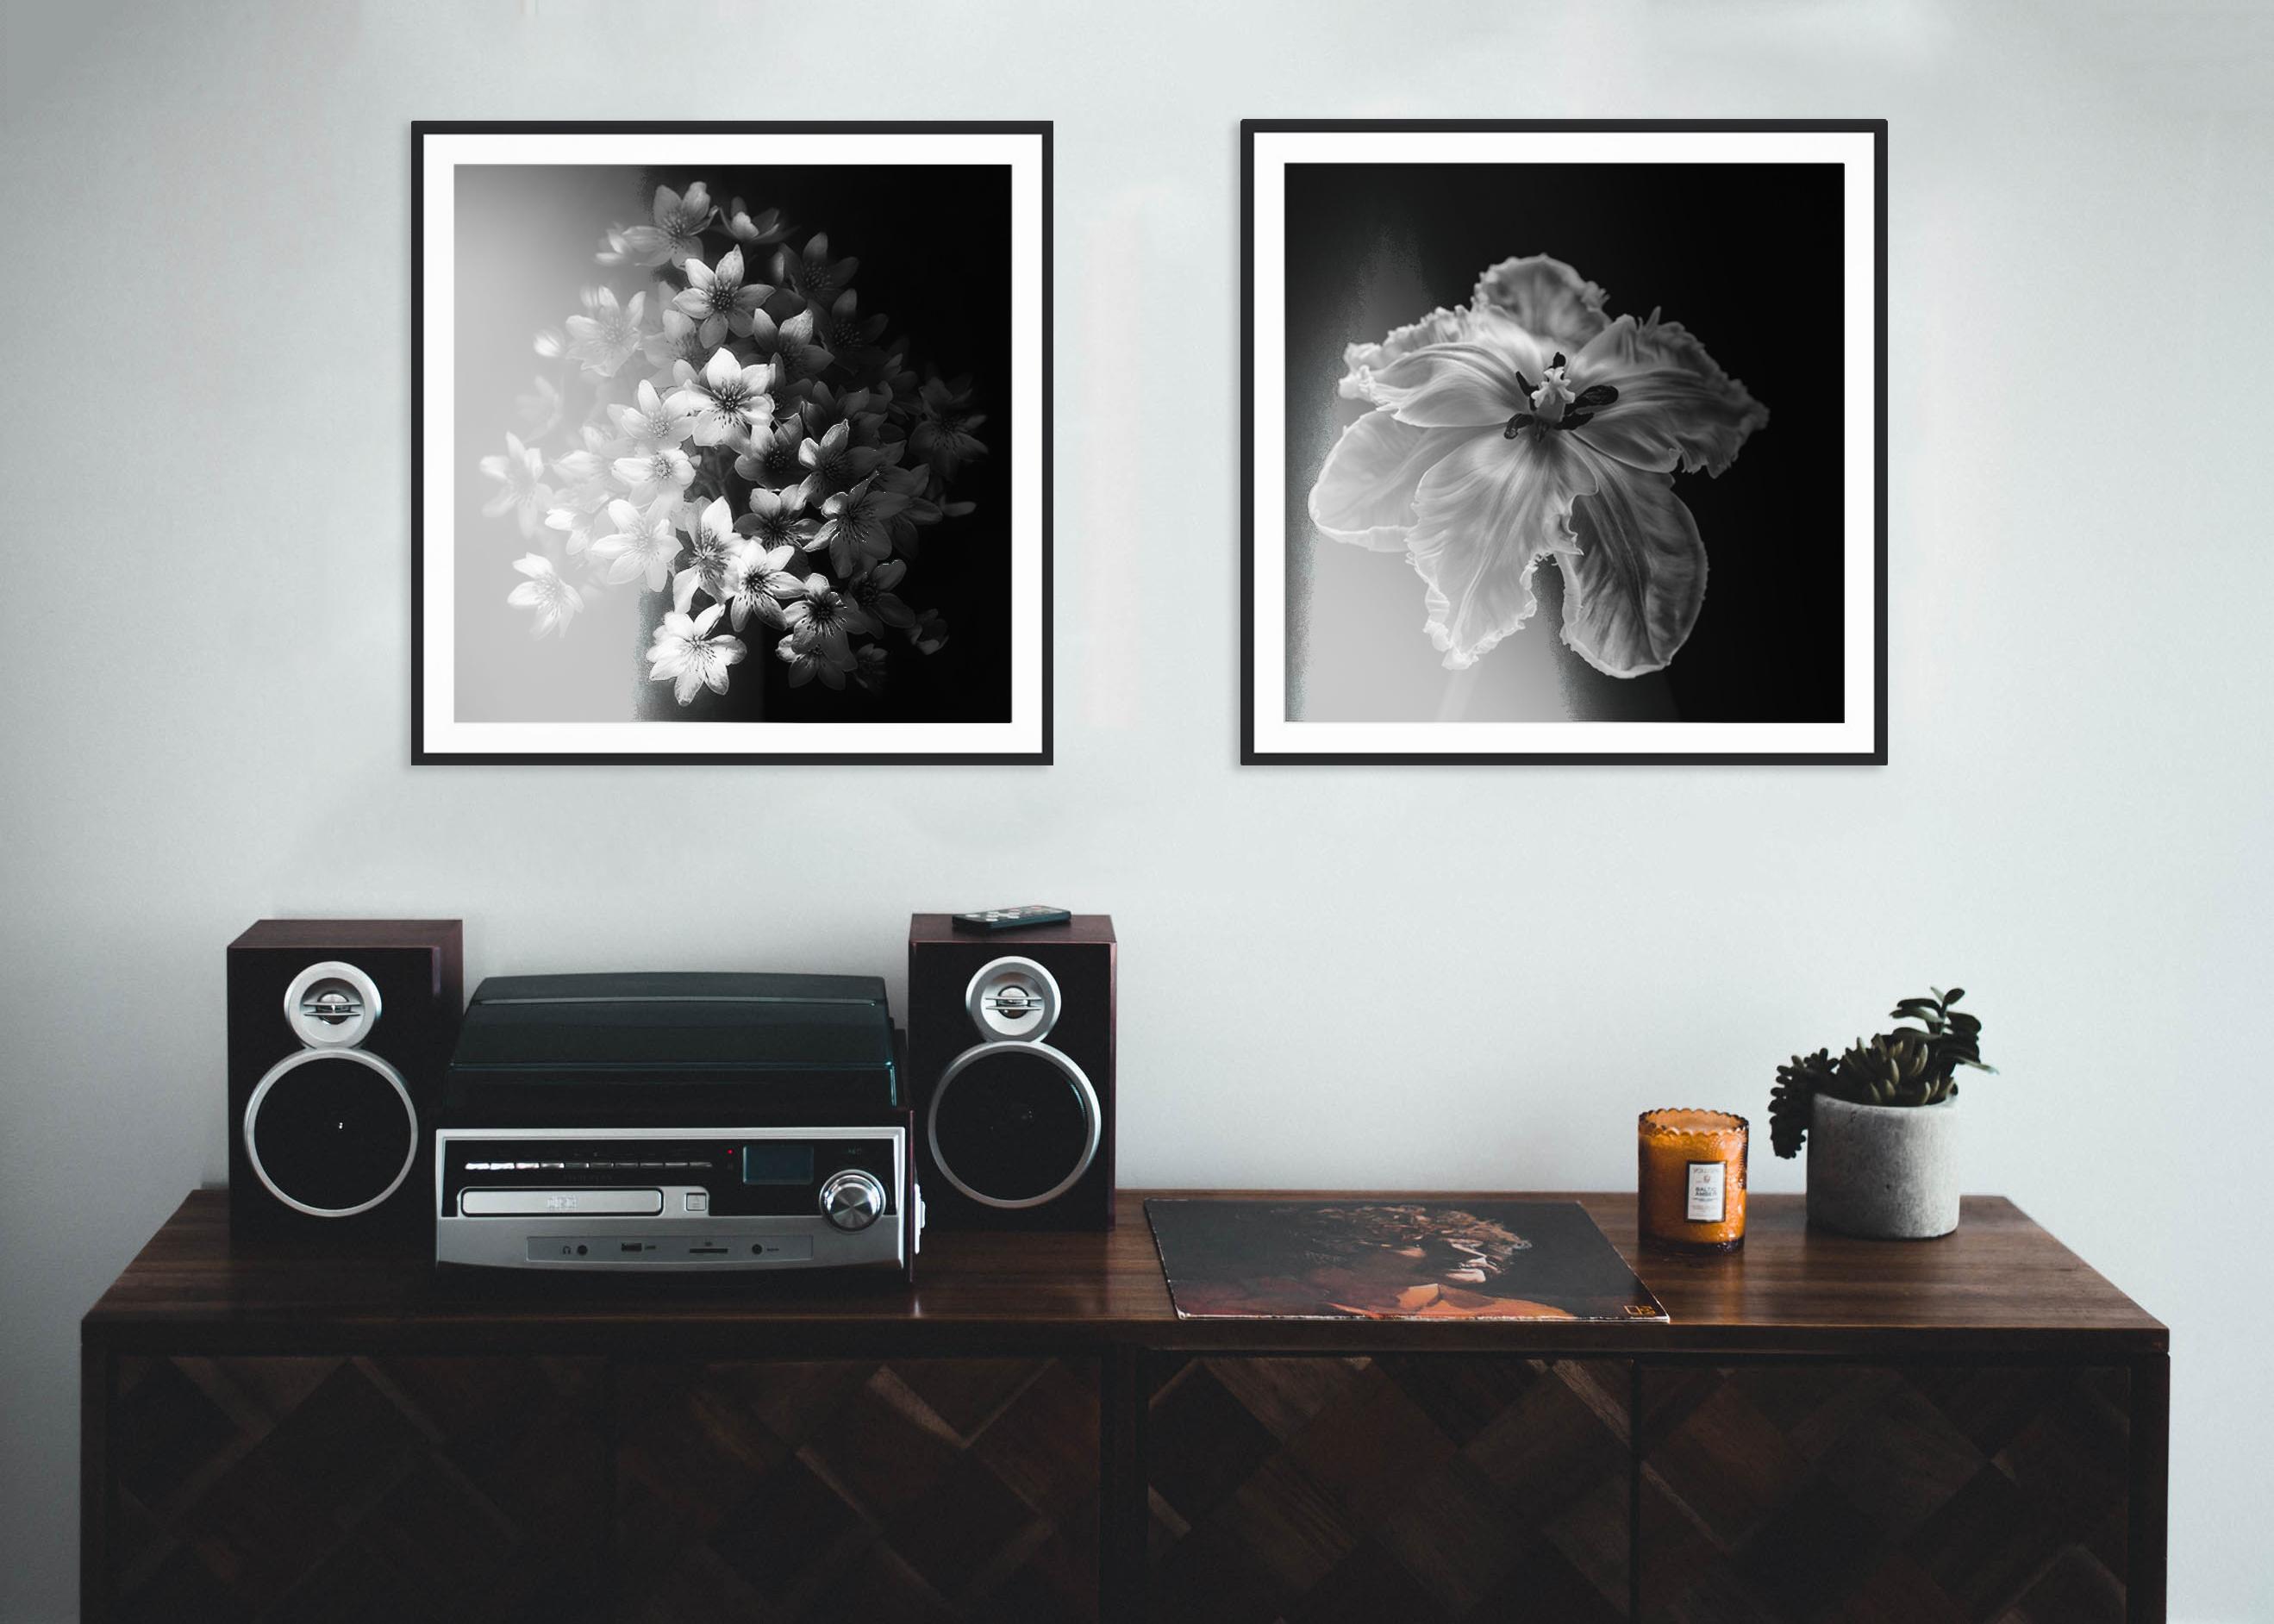 Inspiração: TOP 5 Fotografias Artísticas para o vosso espaço